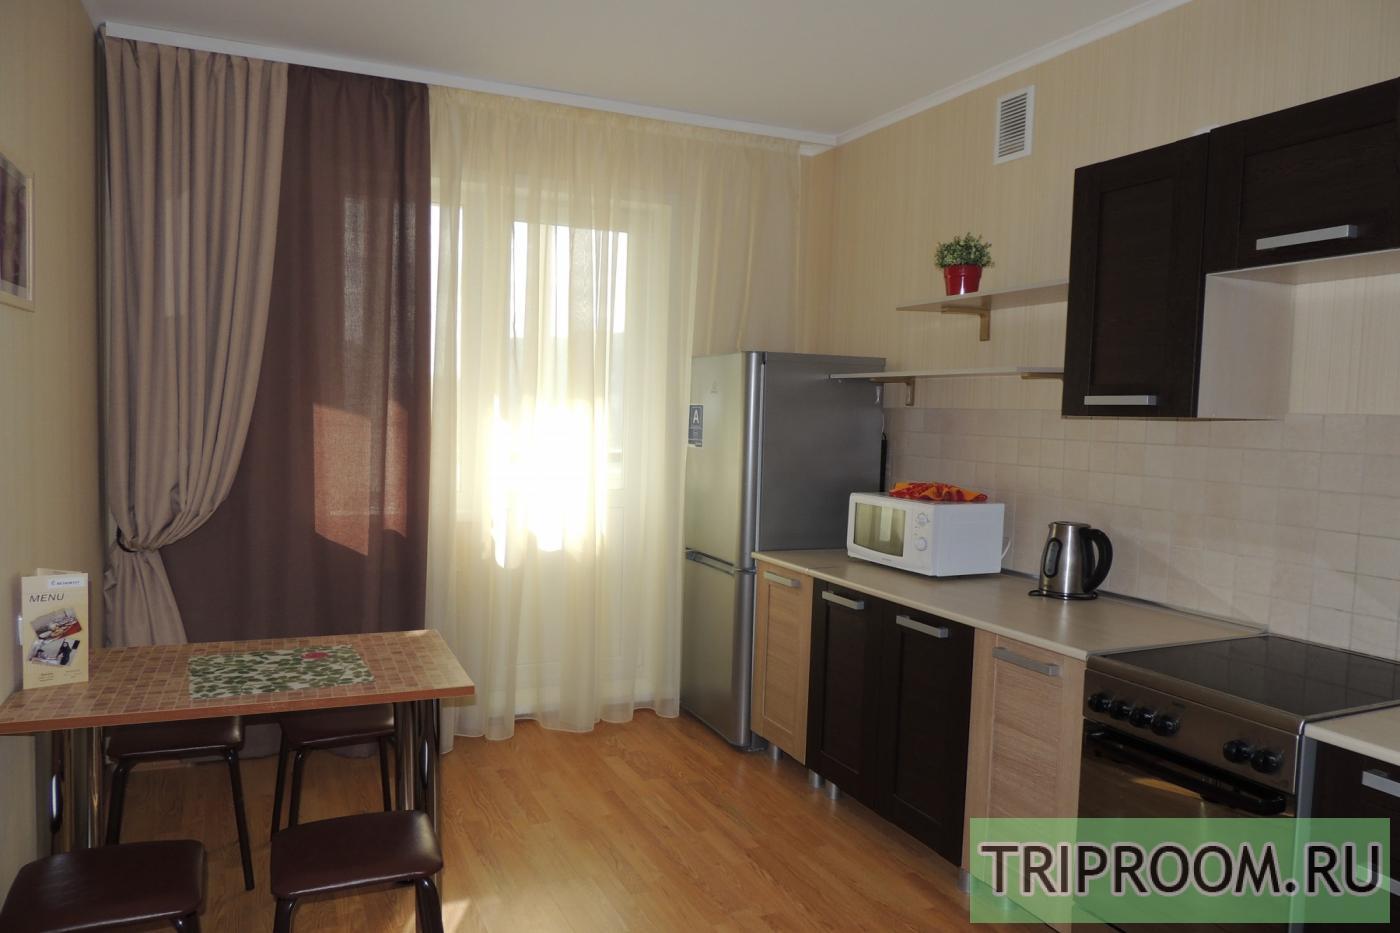 квартиры в раменском 5этажки на авито недорогие гостиницы